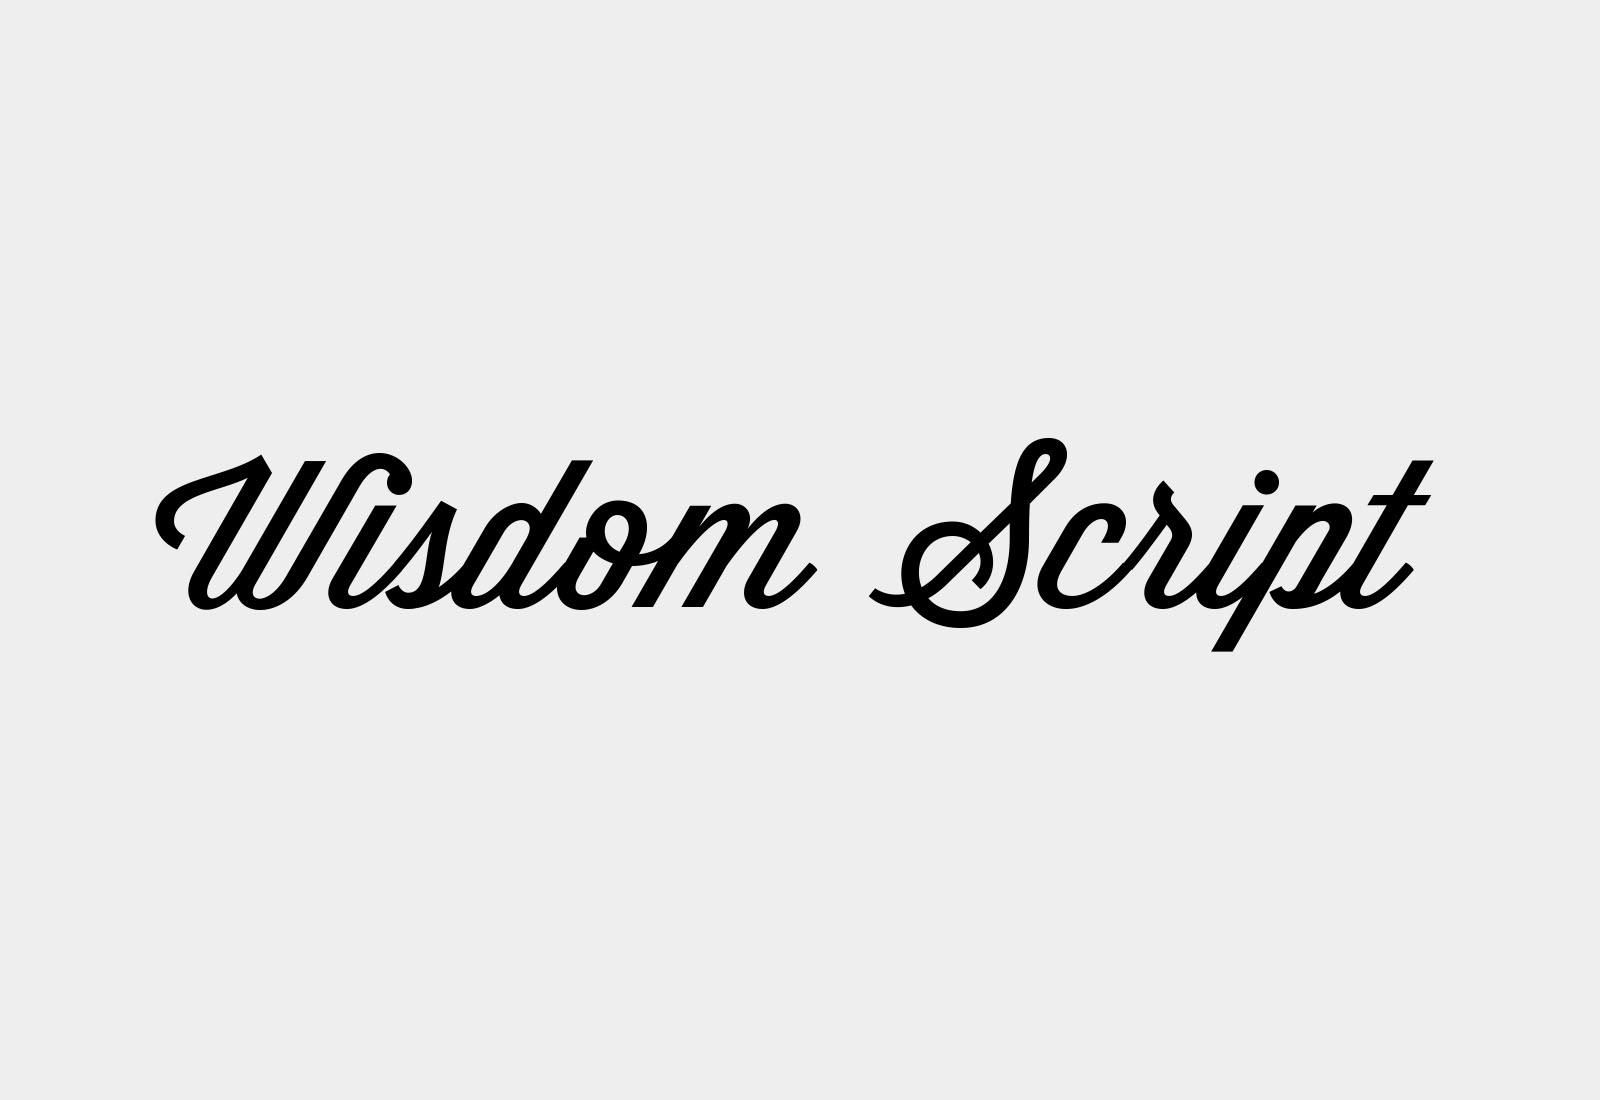 Wisdom Script Typeface